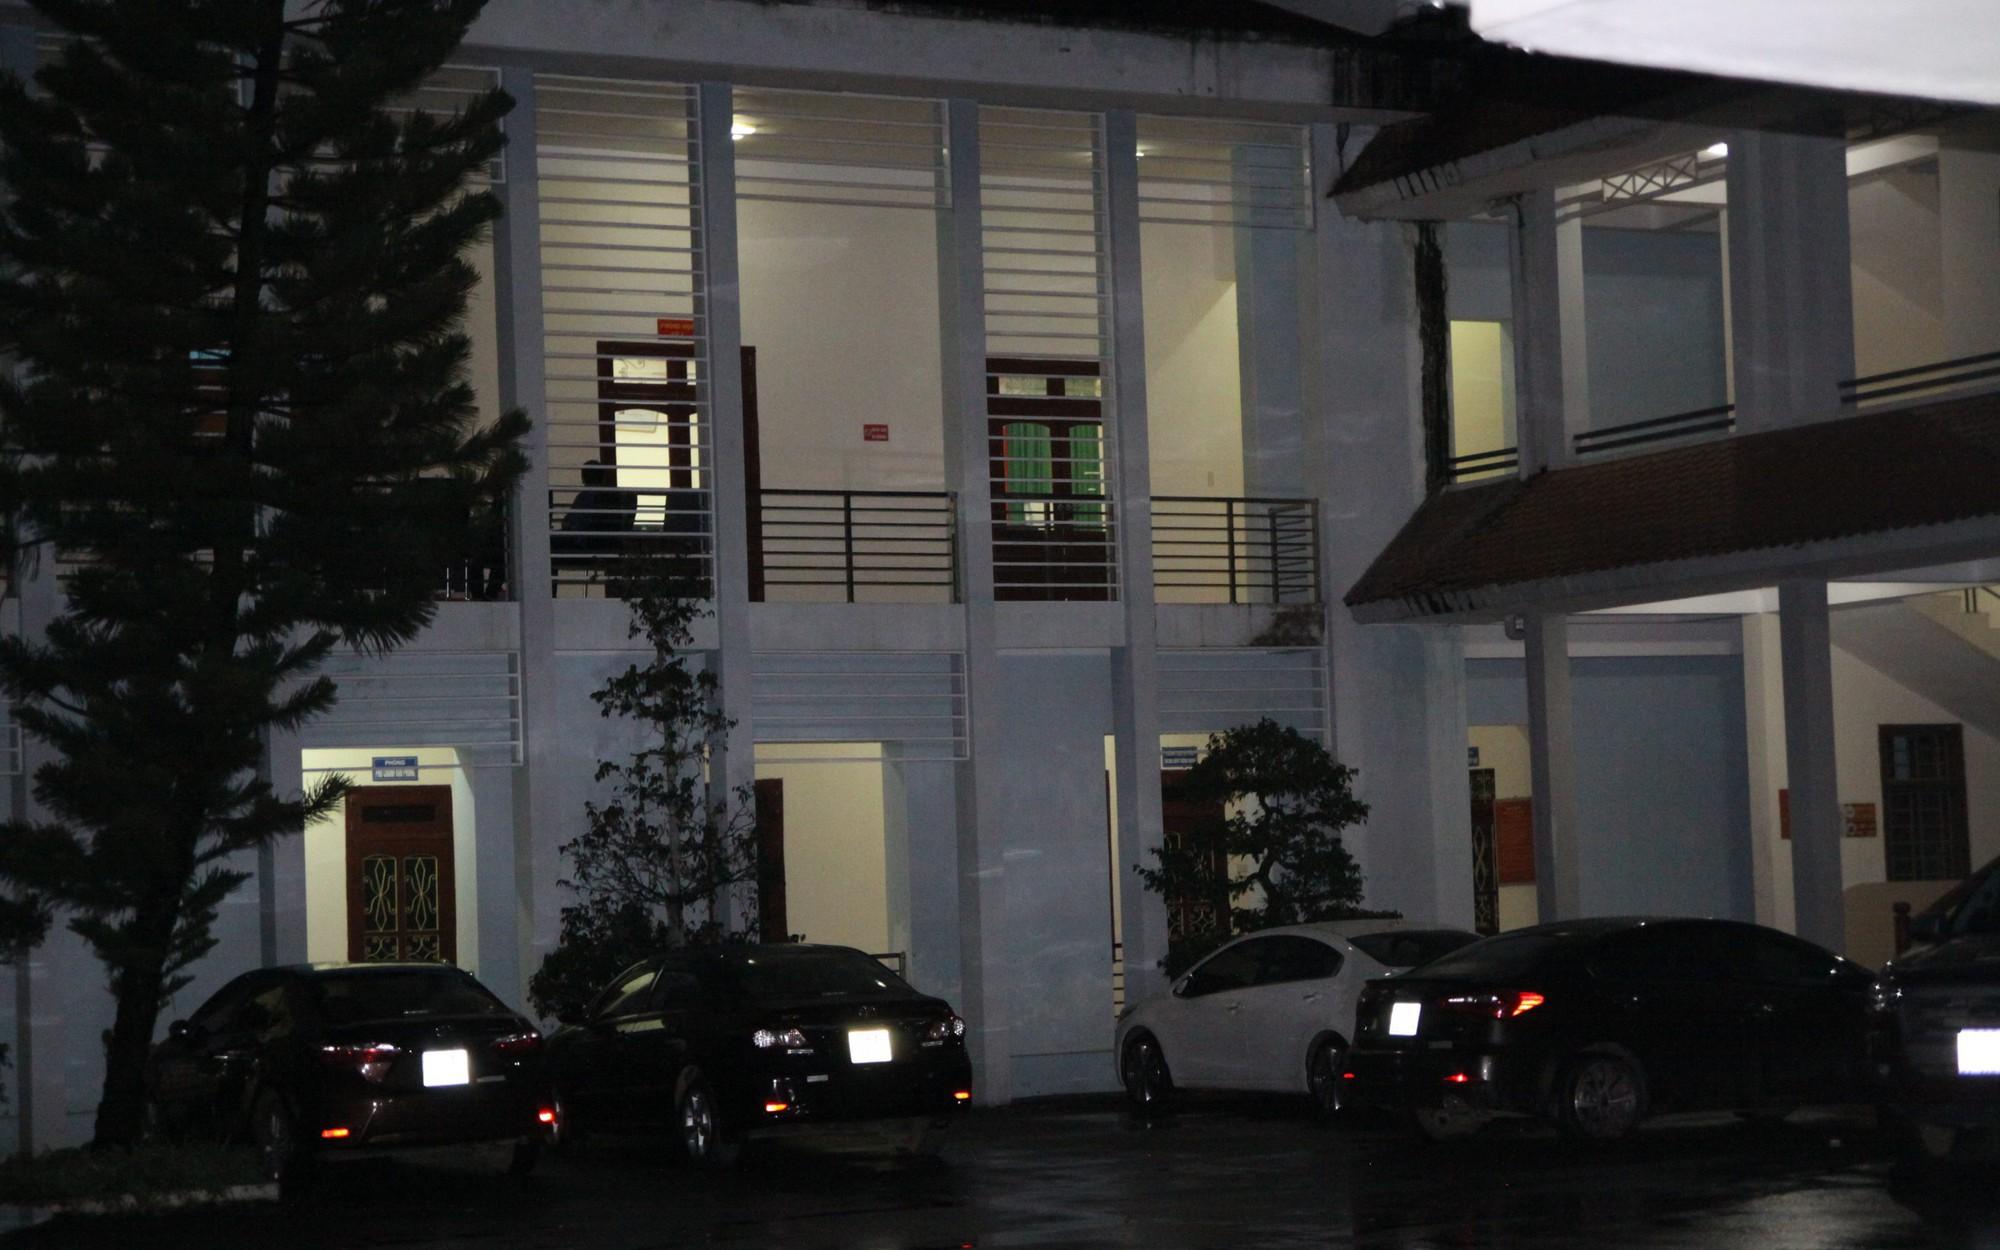 Bộ Công an vào cuộc xác minh nghi vấn điểm thi THPT Quốc gia cao bất thường ở Sơn La